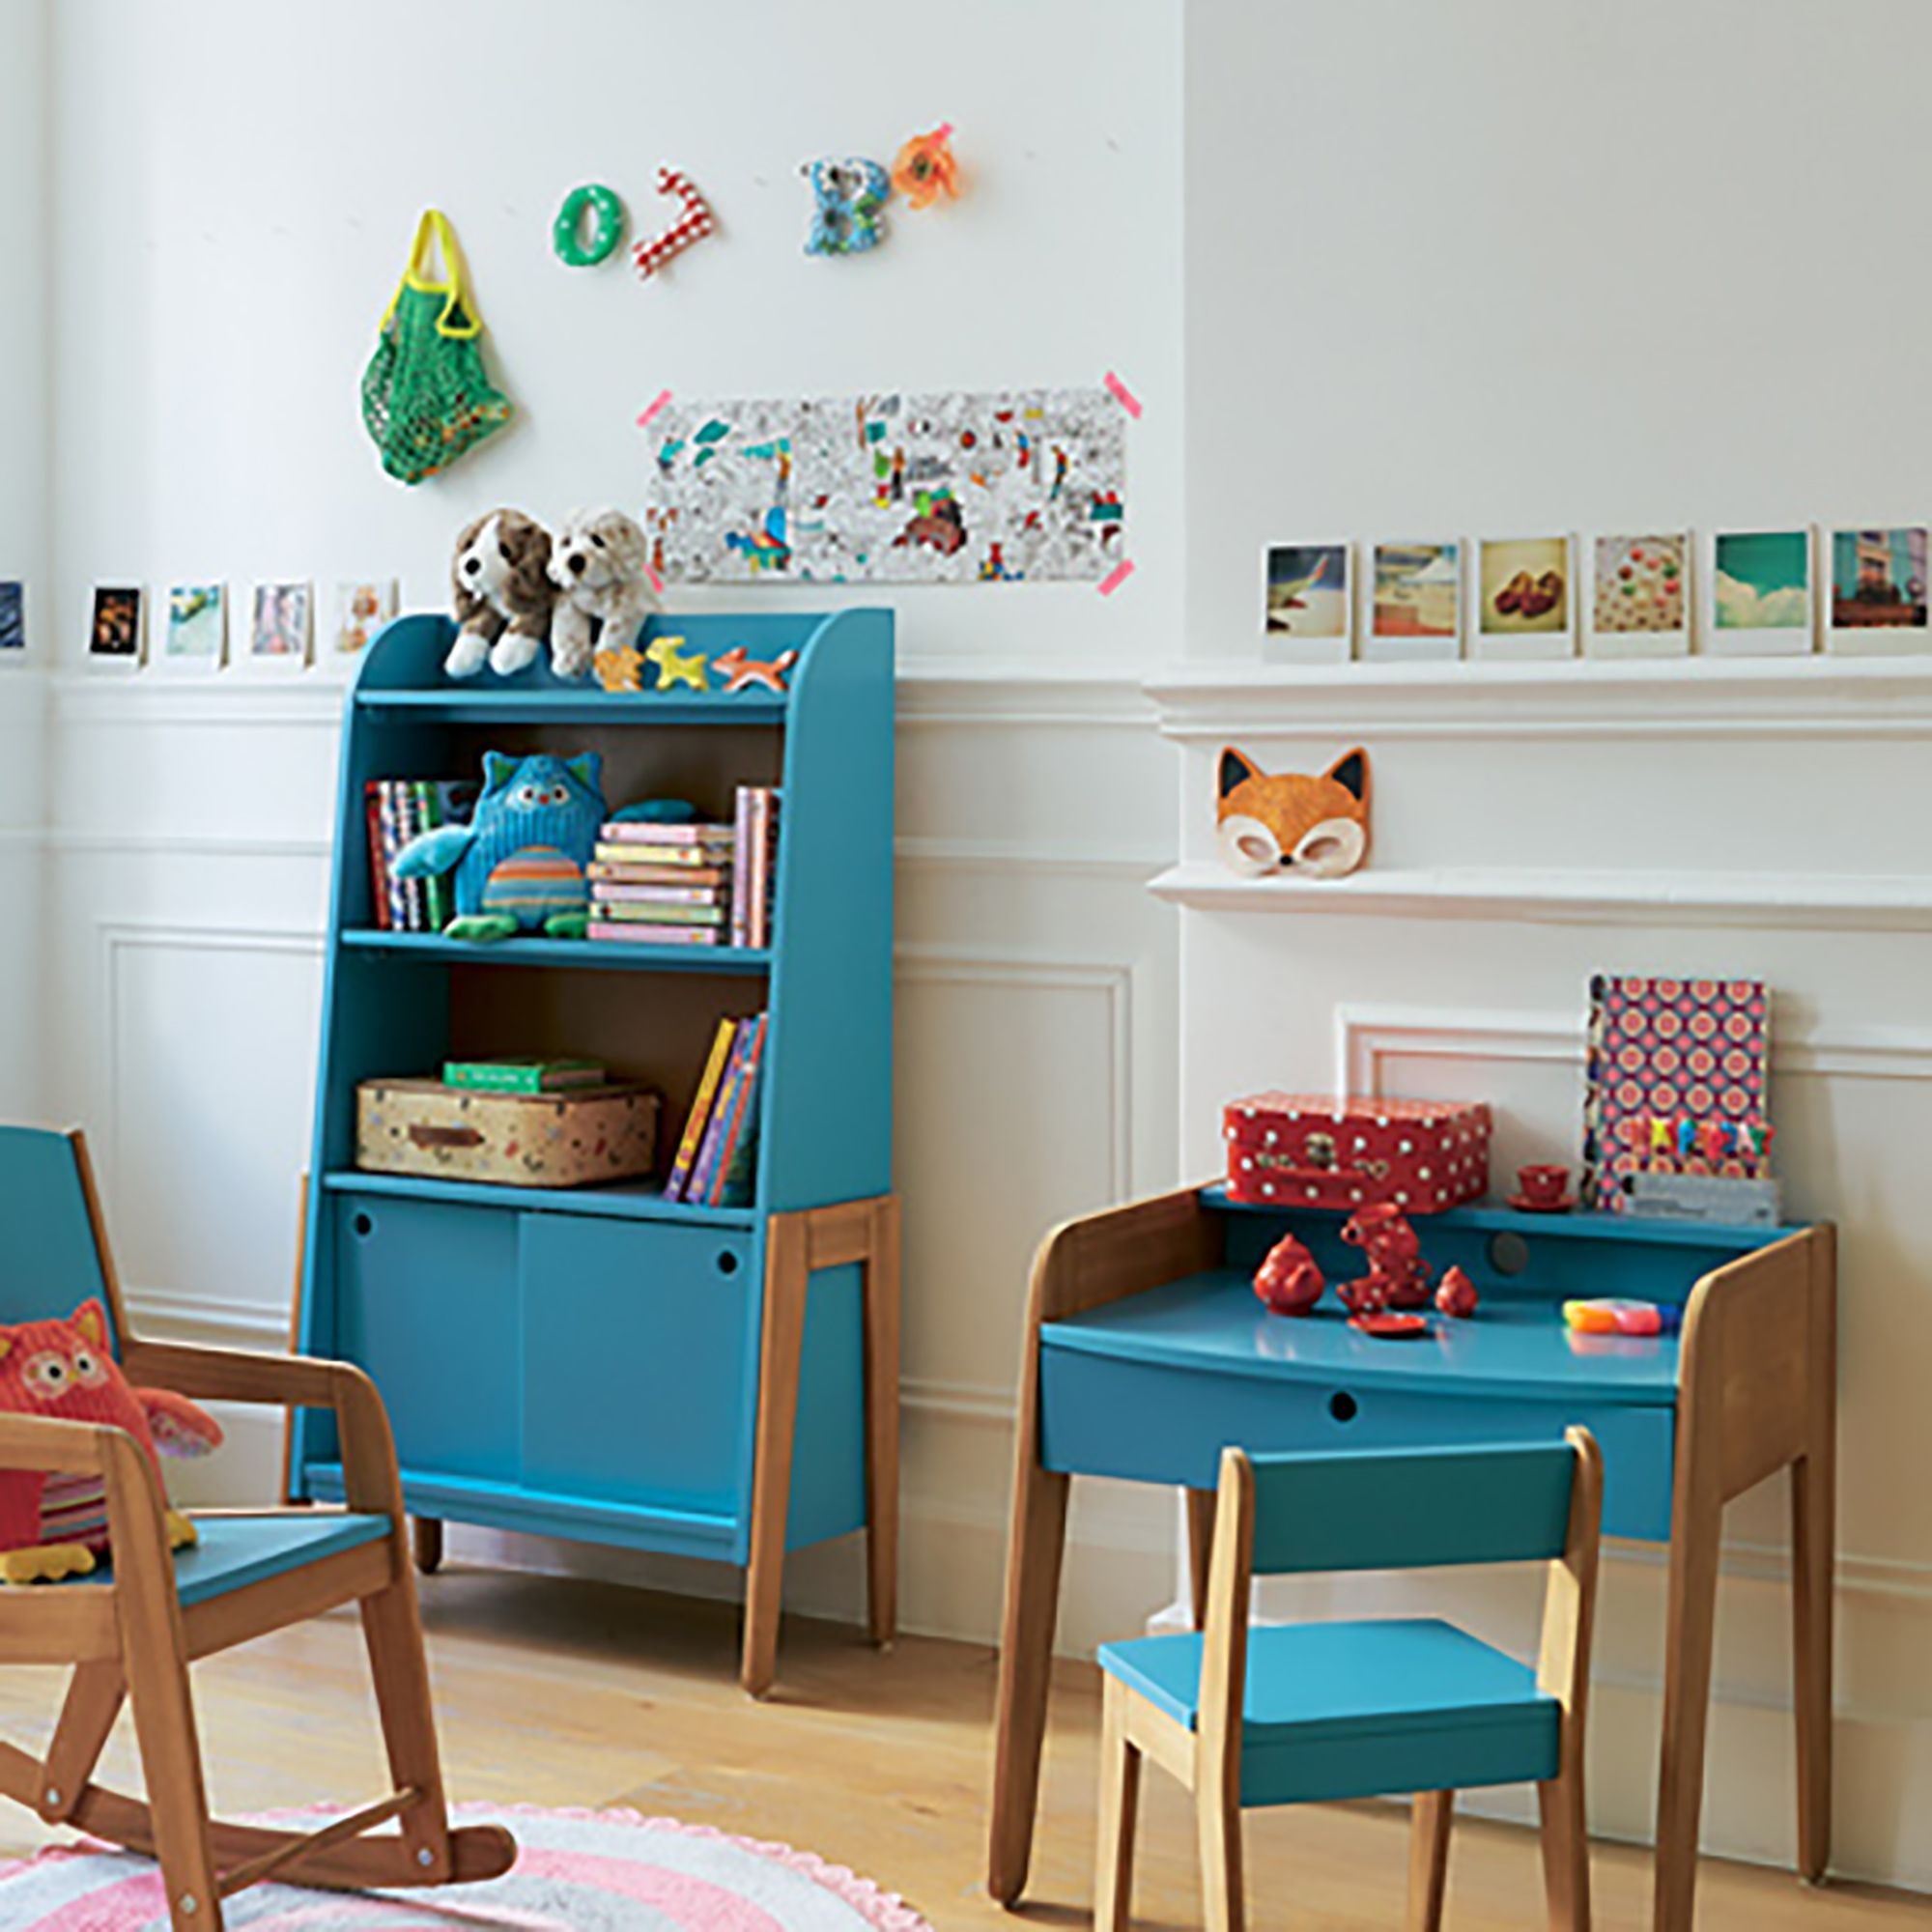 b9d3df4d1dbc57 ... BLEUE pour enfant - Vintage - Étagères de chambre d enfants-Meubles  pour chambre enfant-Univers des enfants-Par pièce - Décoration intérieur -  Alinea